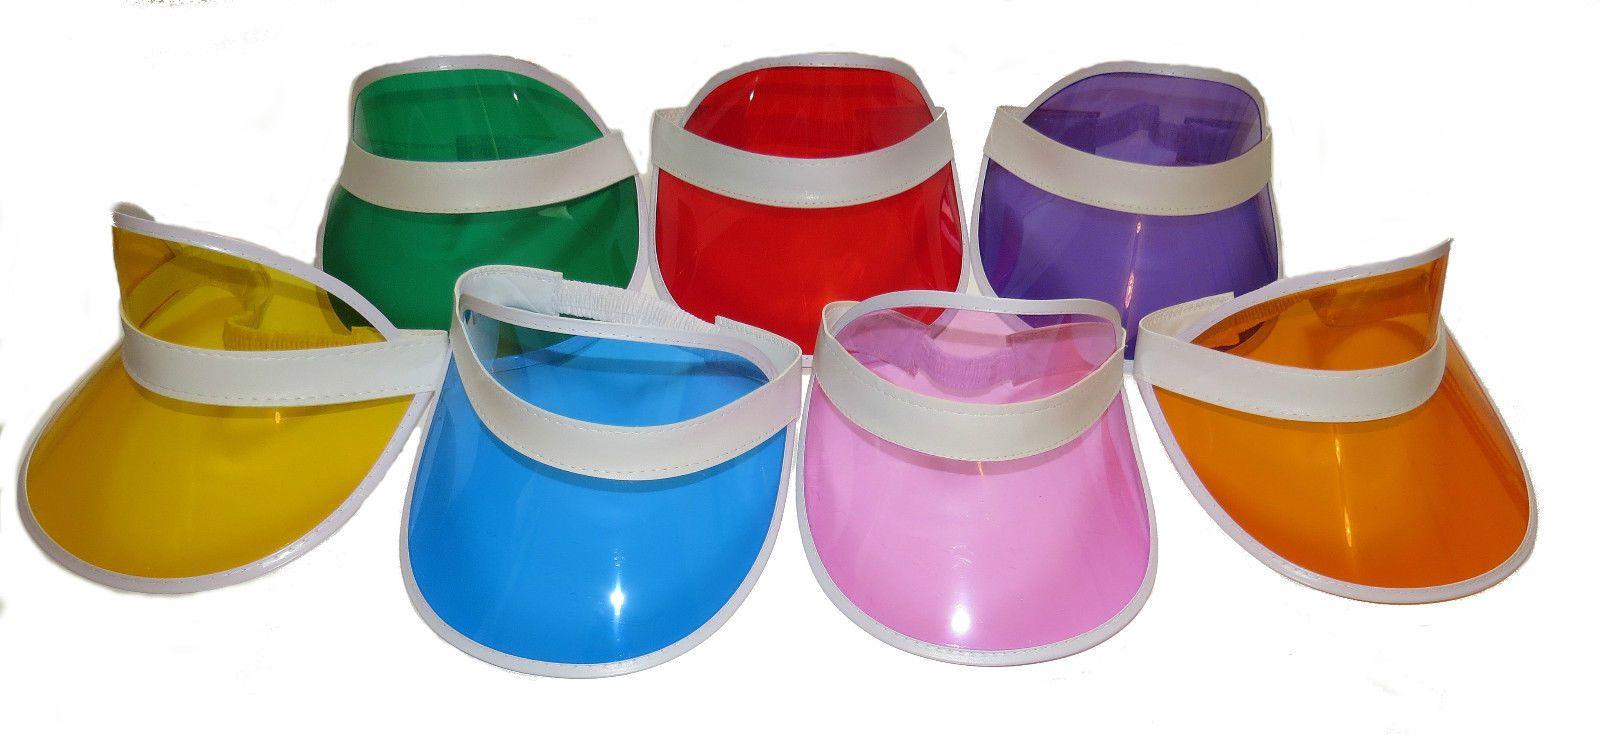 new   x30 plastic sun  visors  fancy  dress  visor 79e8c10abc9